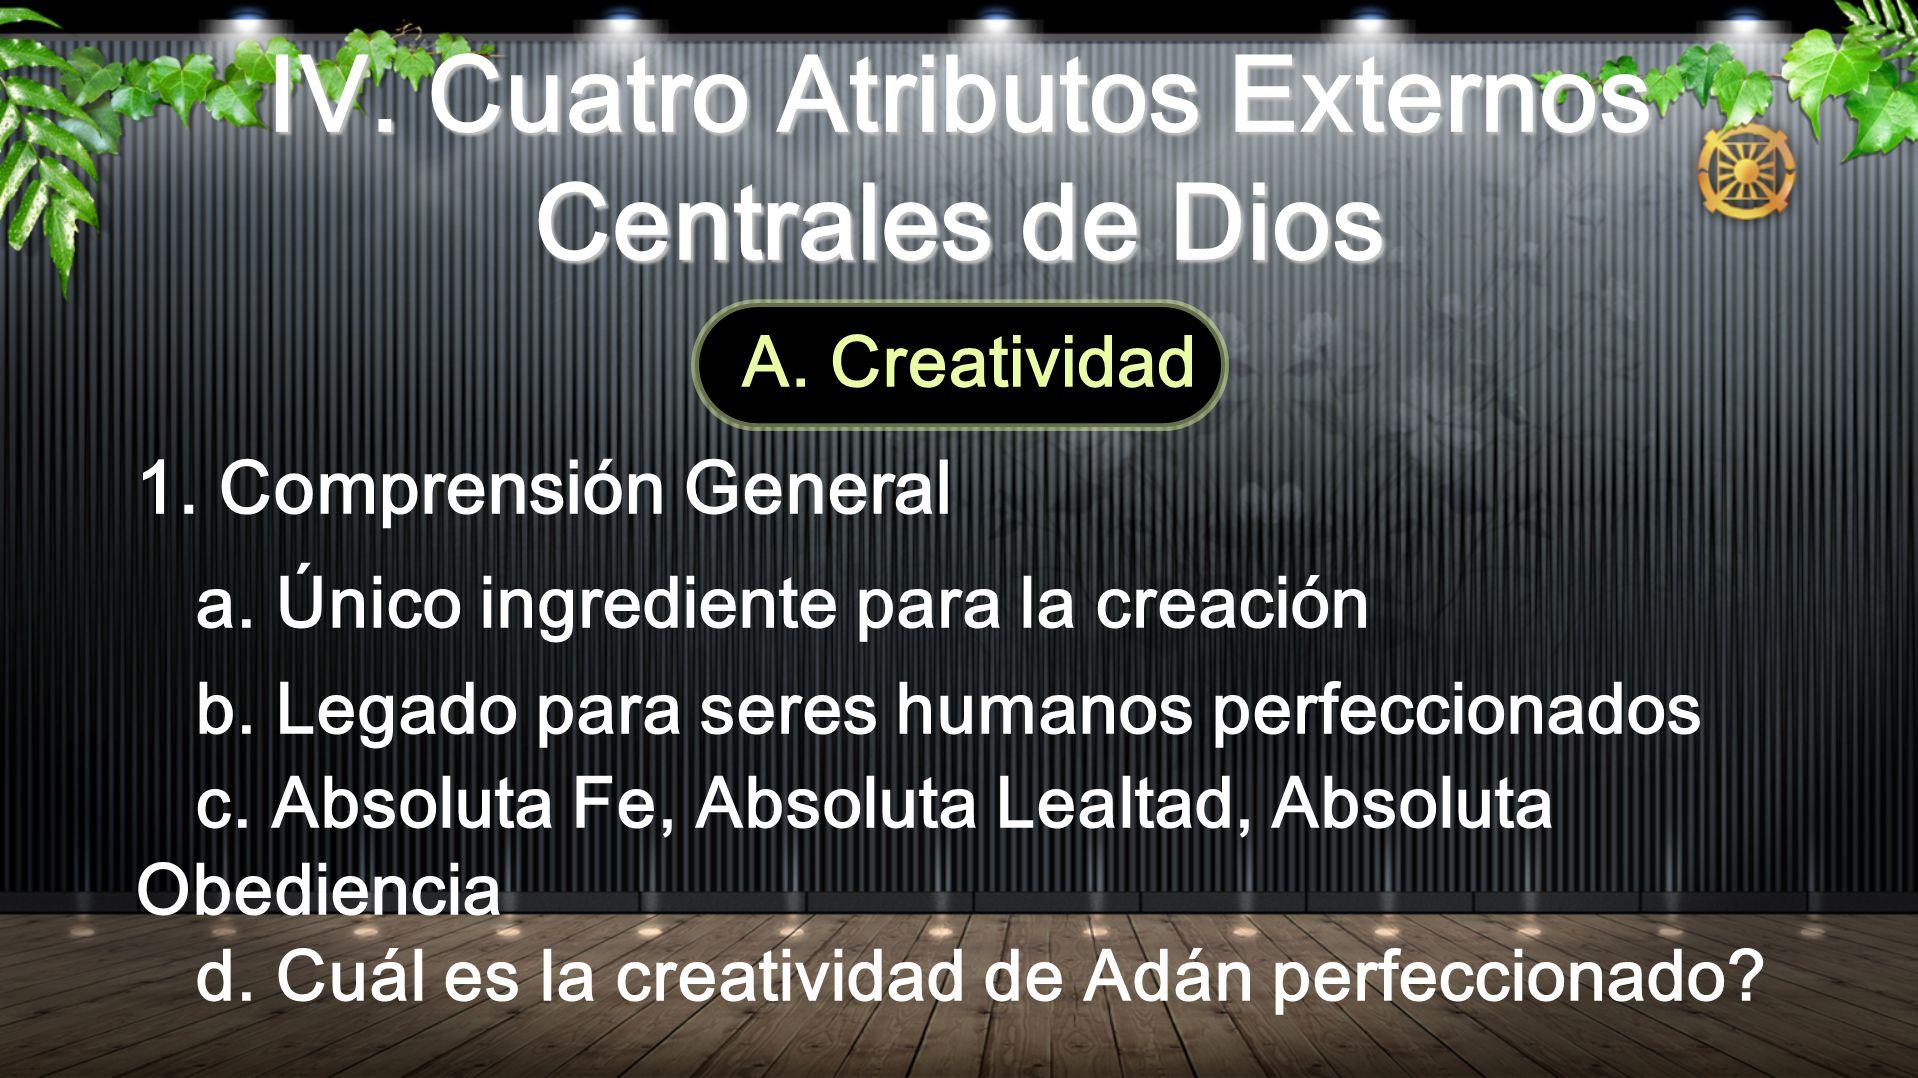 2.Absoluta Fe a. Diseño de Dios de la creación b.